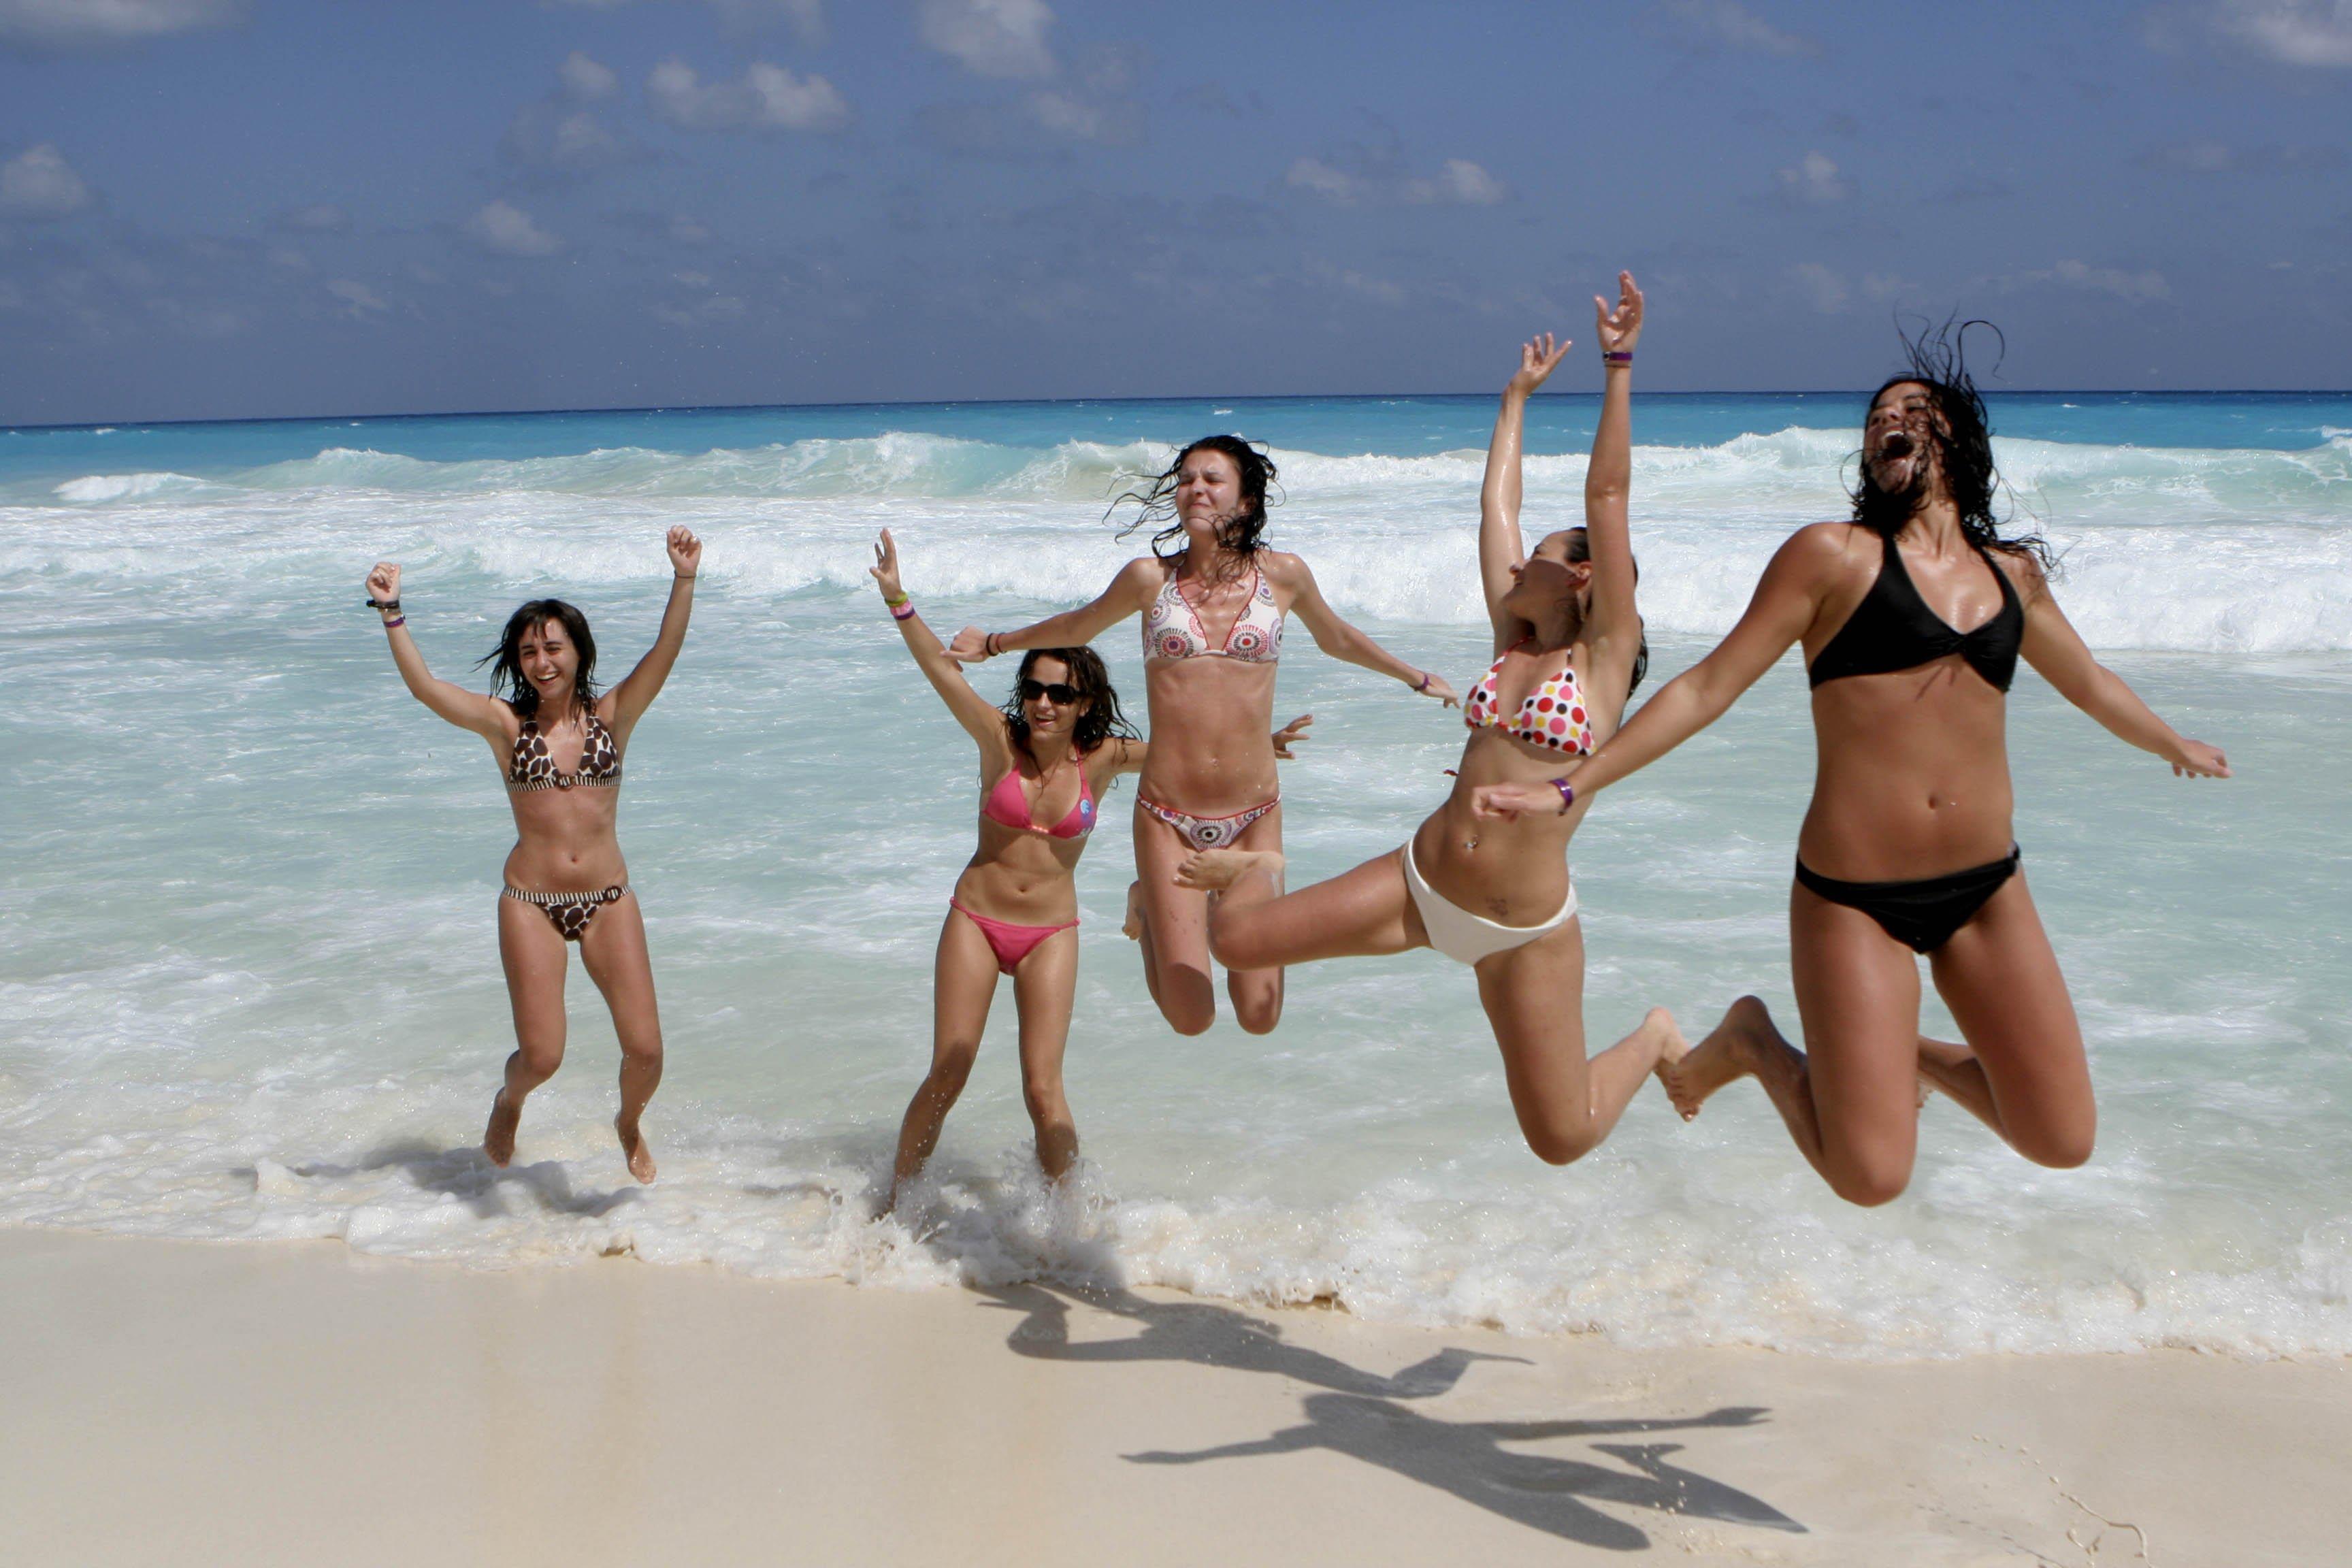 Пьяные голые девочки на пляже, Подборка: Приколы с пьяными девушками - видео 15 фотография